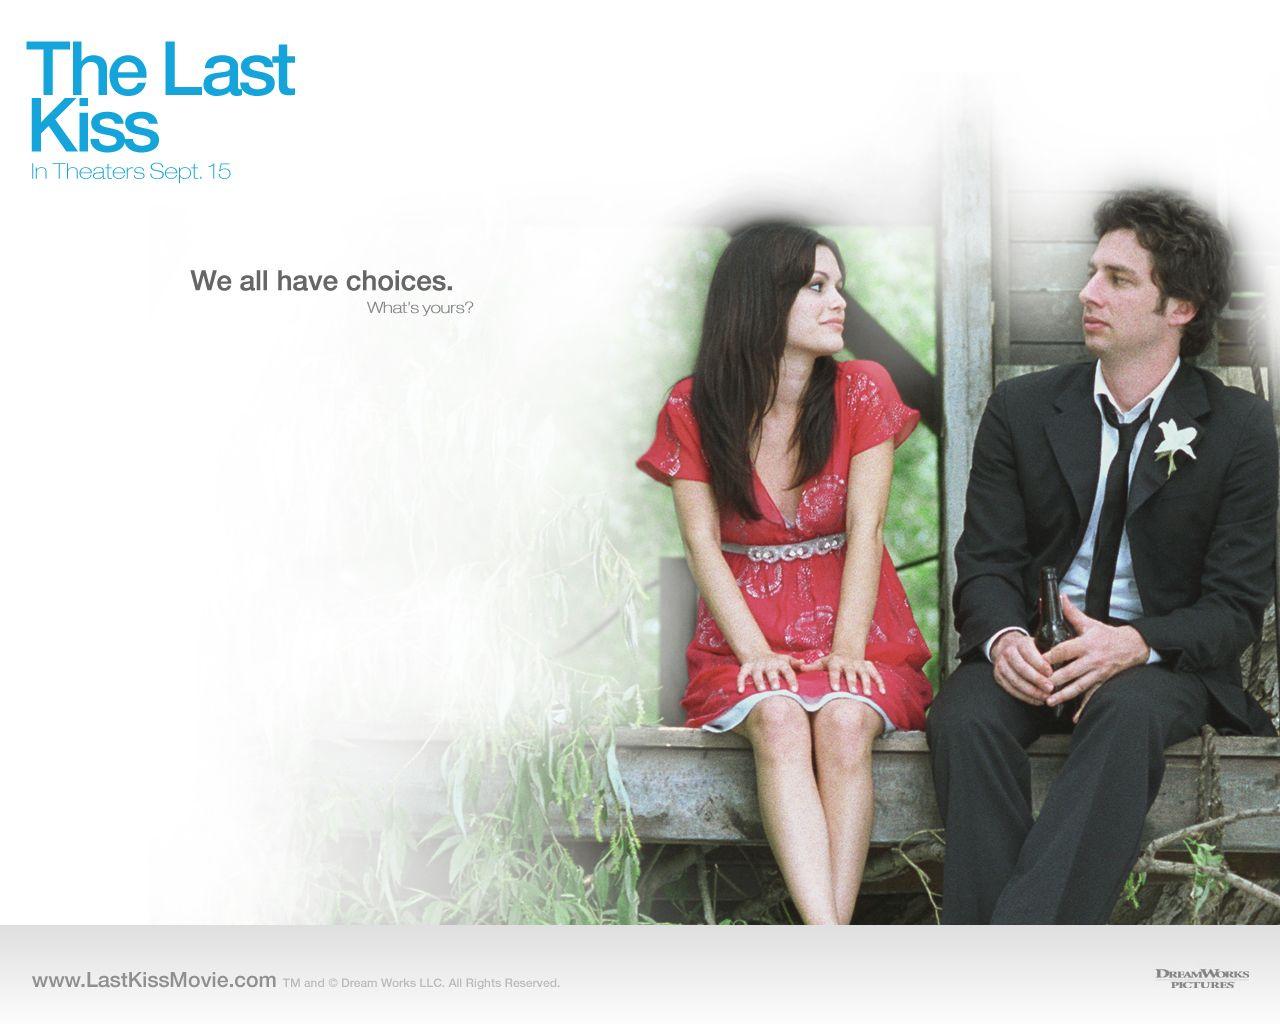 The-Last-Kiss-the-last-kiss-385920_1280_1024